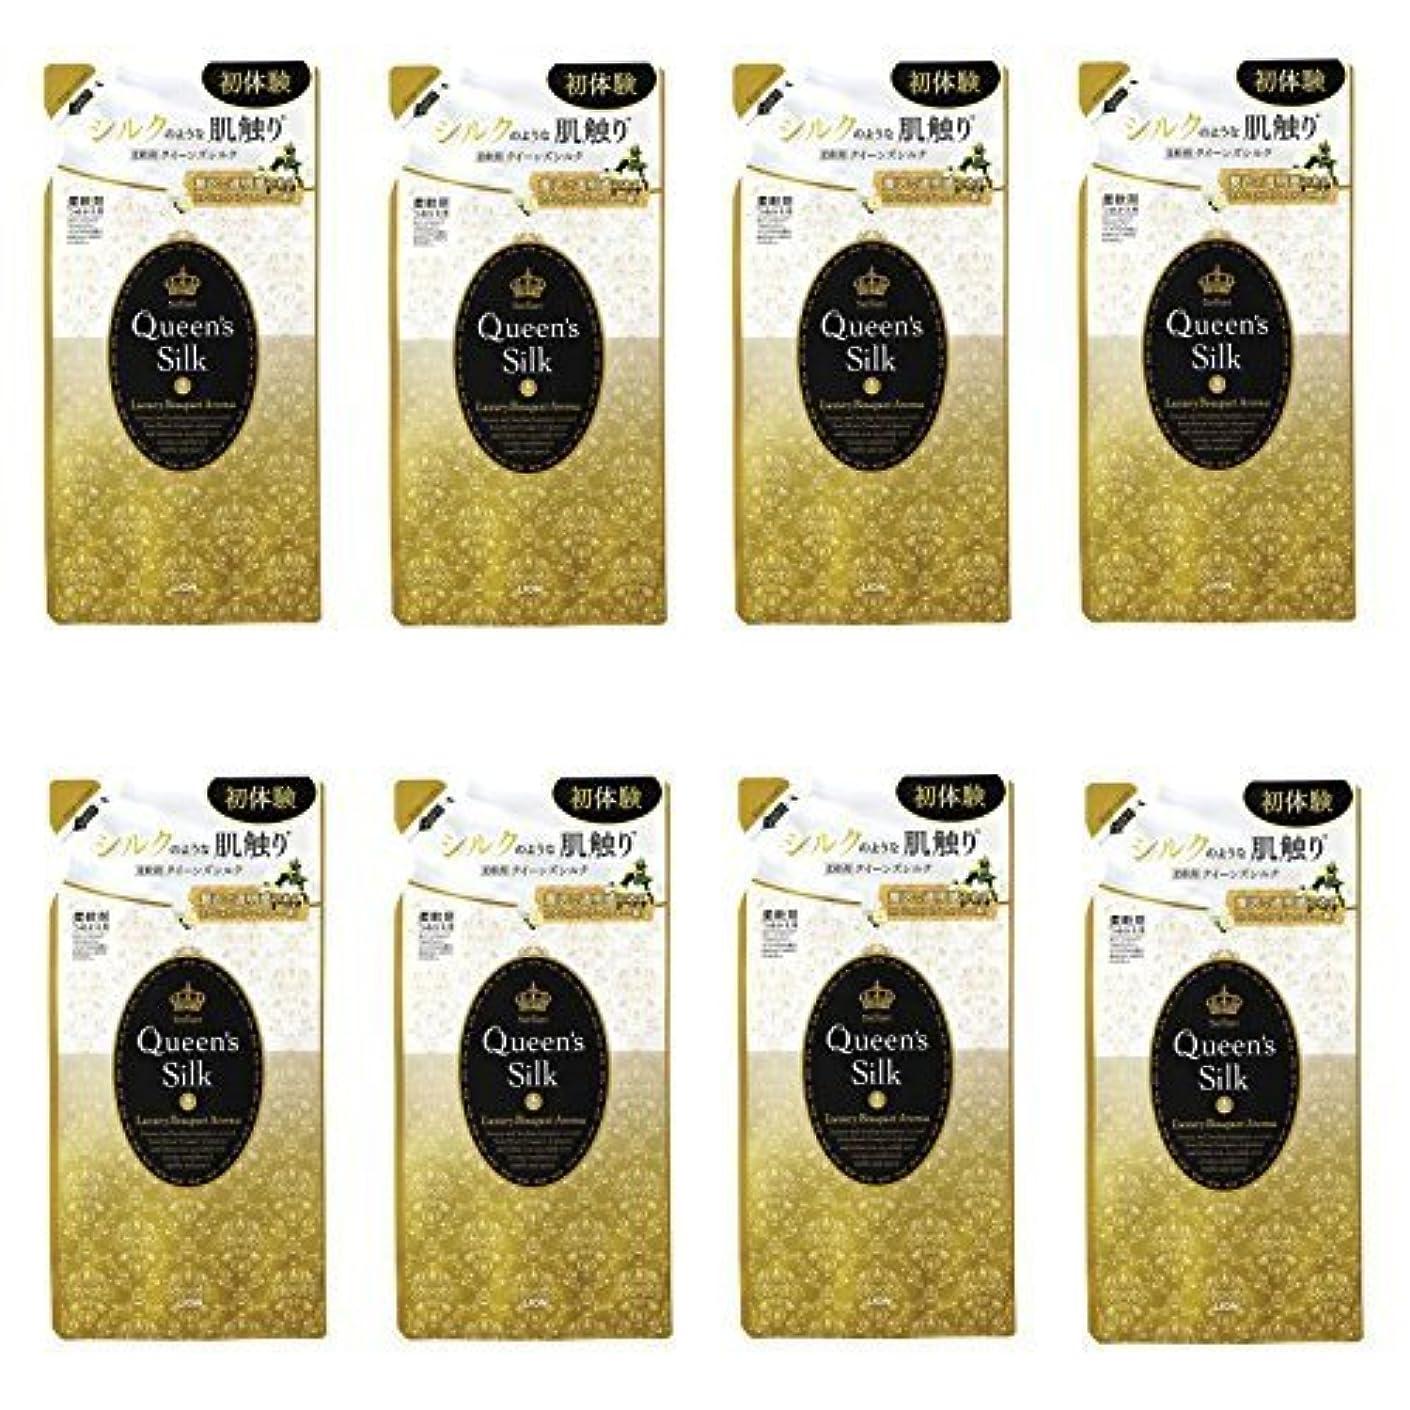 お証明書バック【まとめ買い】ソフラン クイーンズシルク 柔軟剤 ラグジュアリーブーケアロマの香り 詰替 450ml ×8個